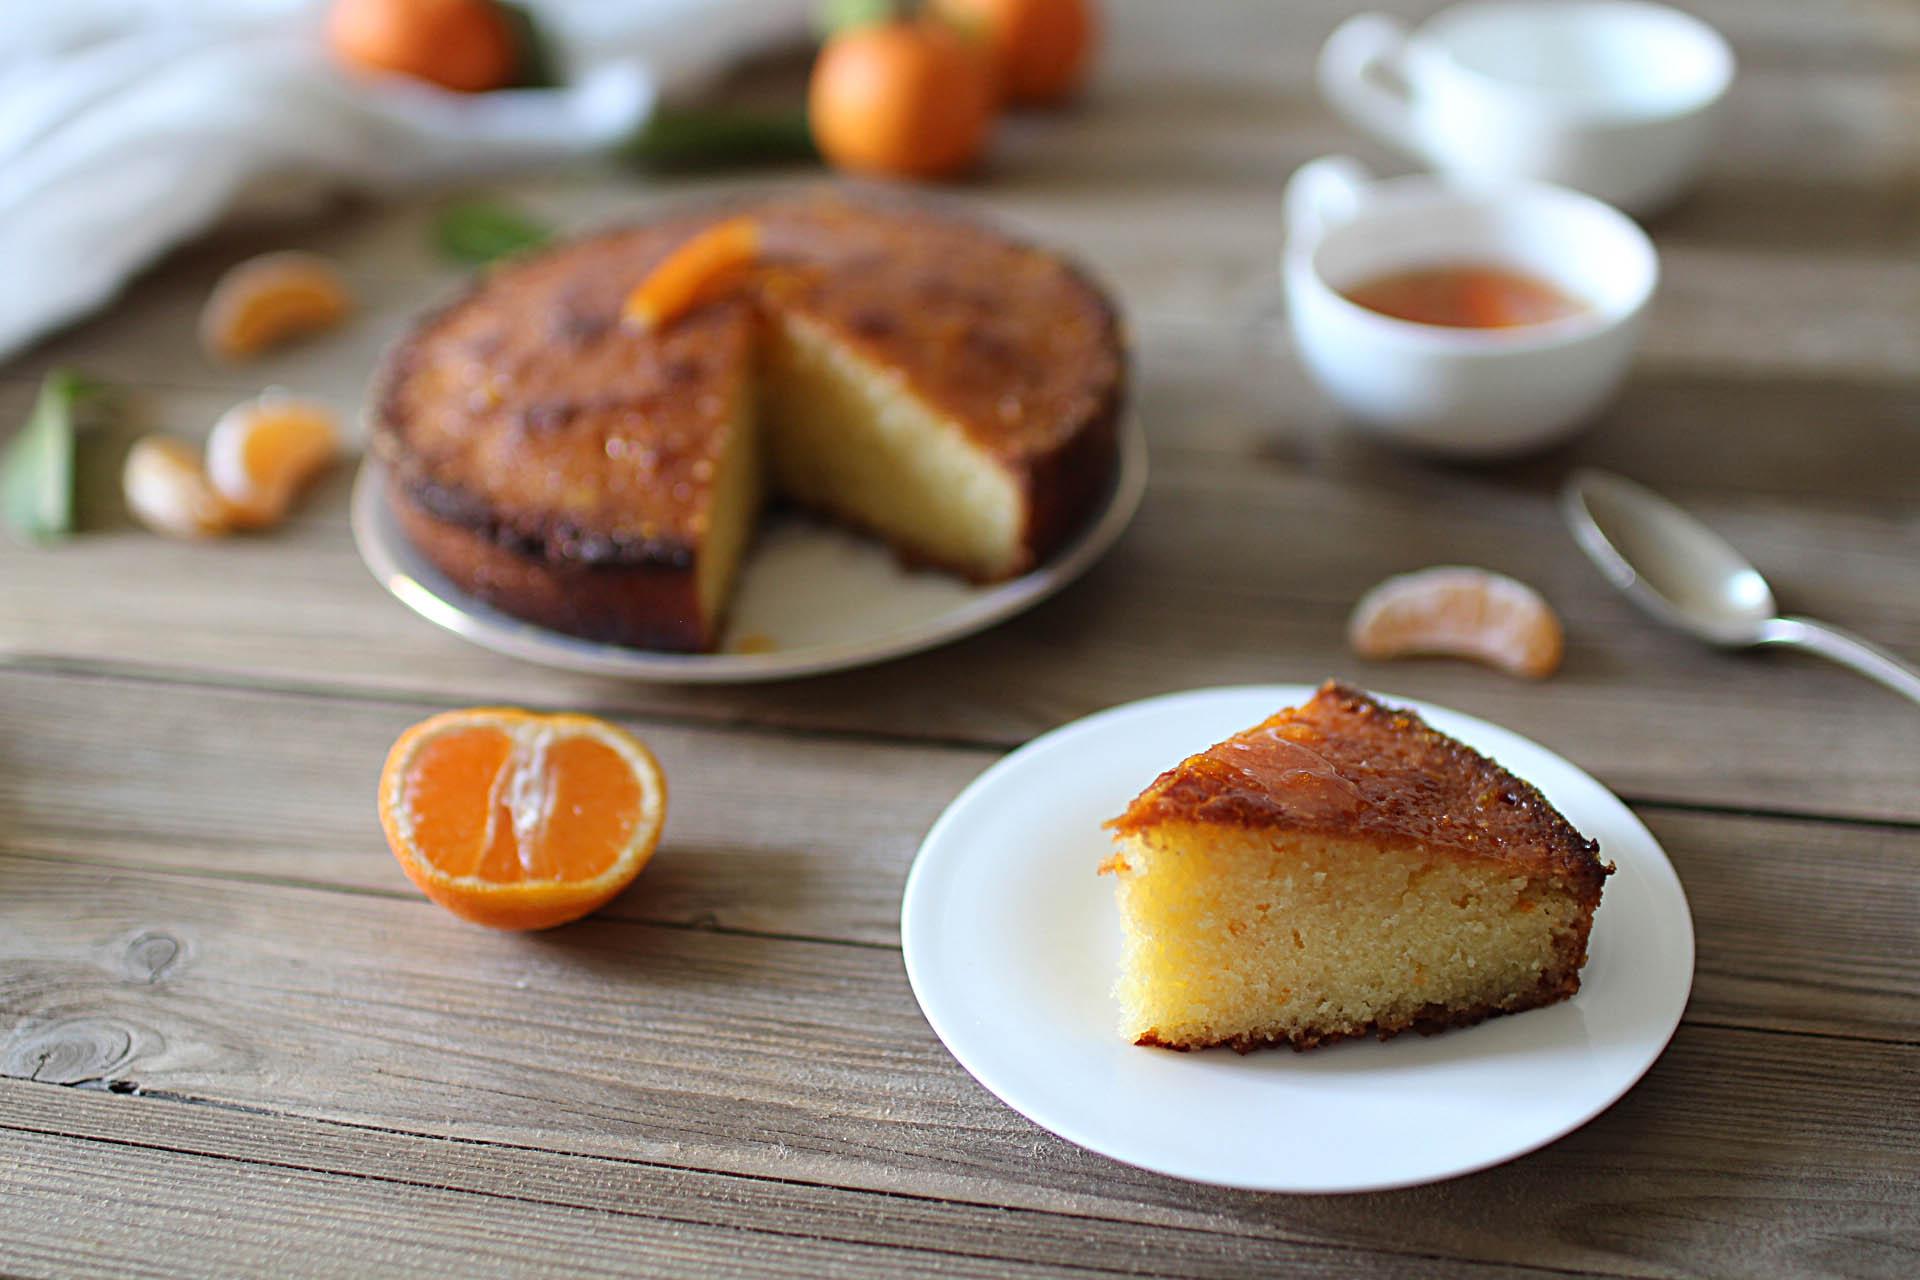 gateau-clementines-yotam-ottolenghi